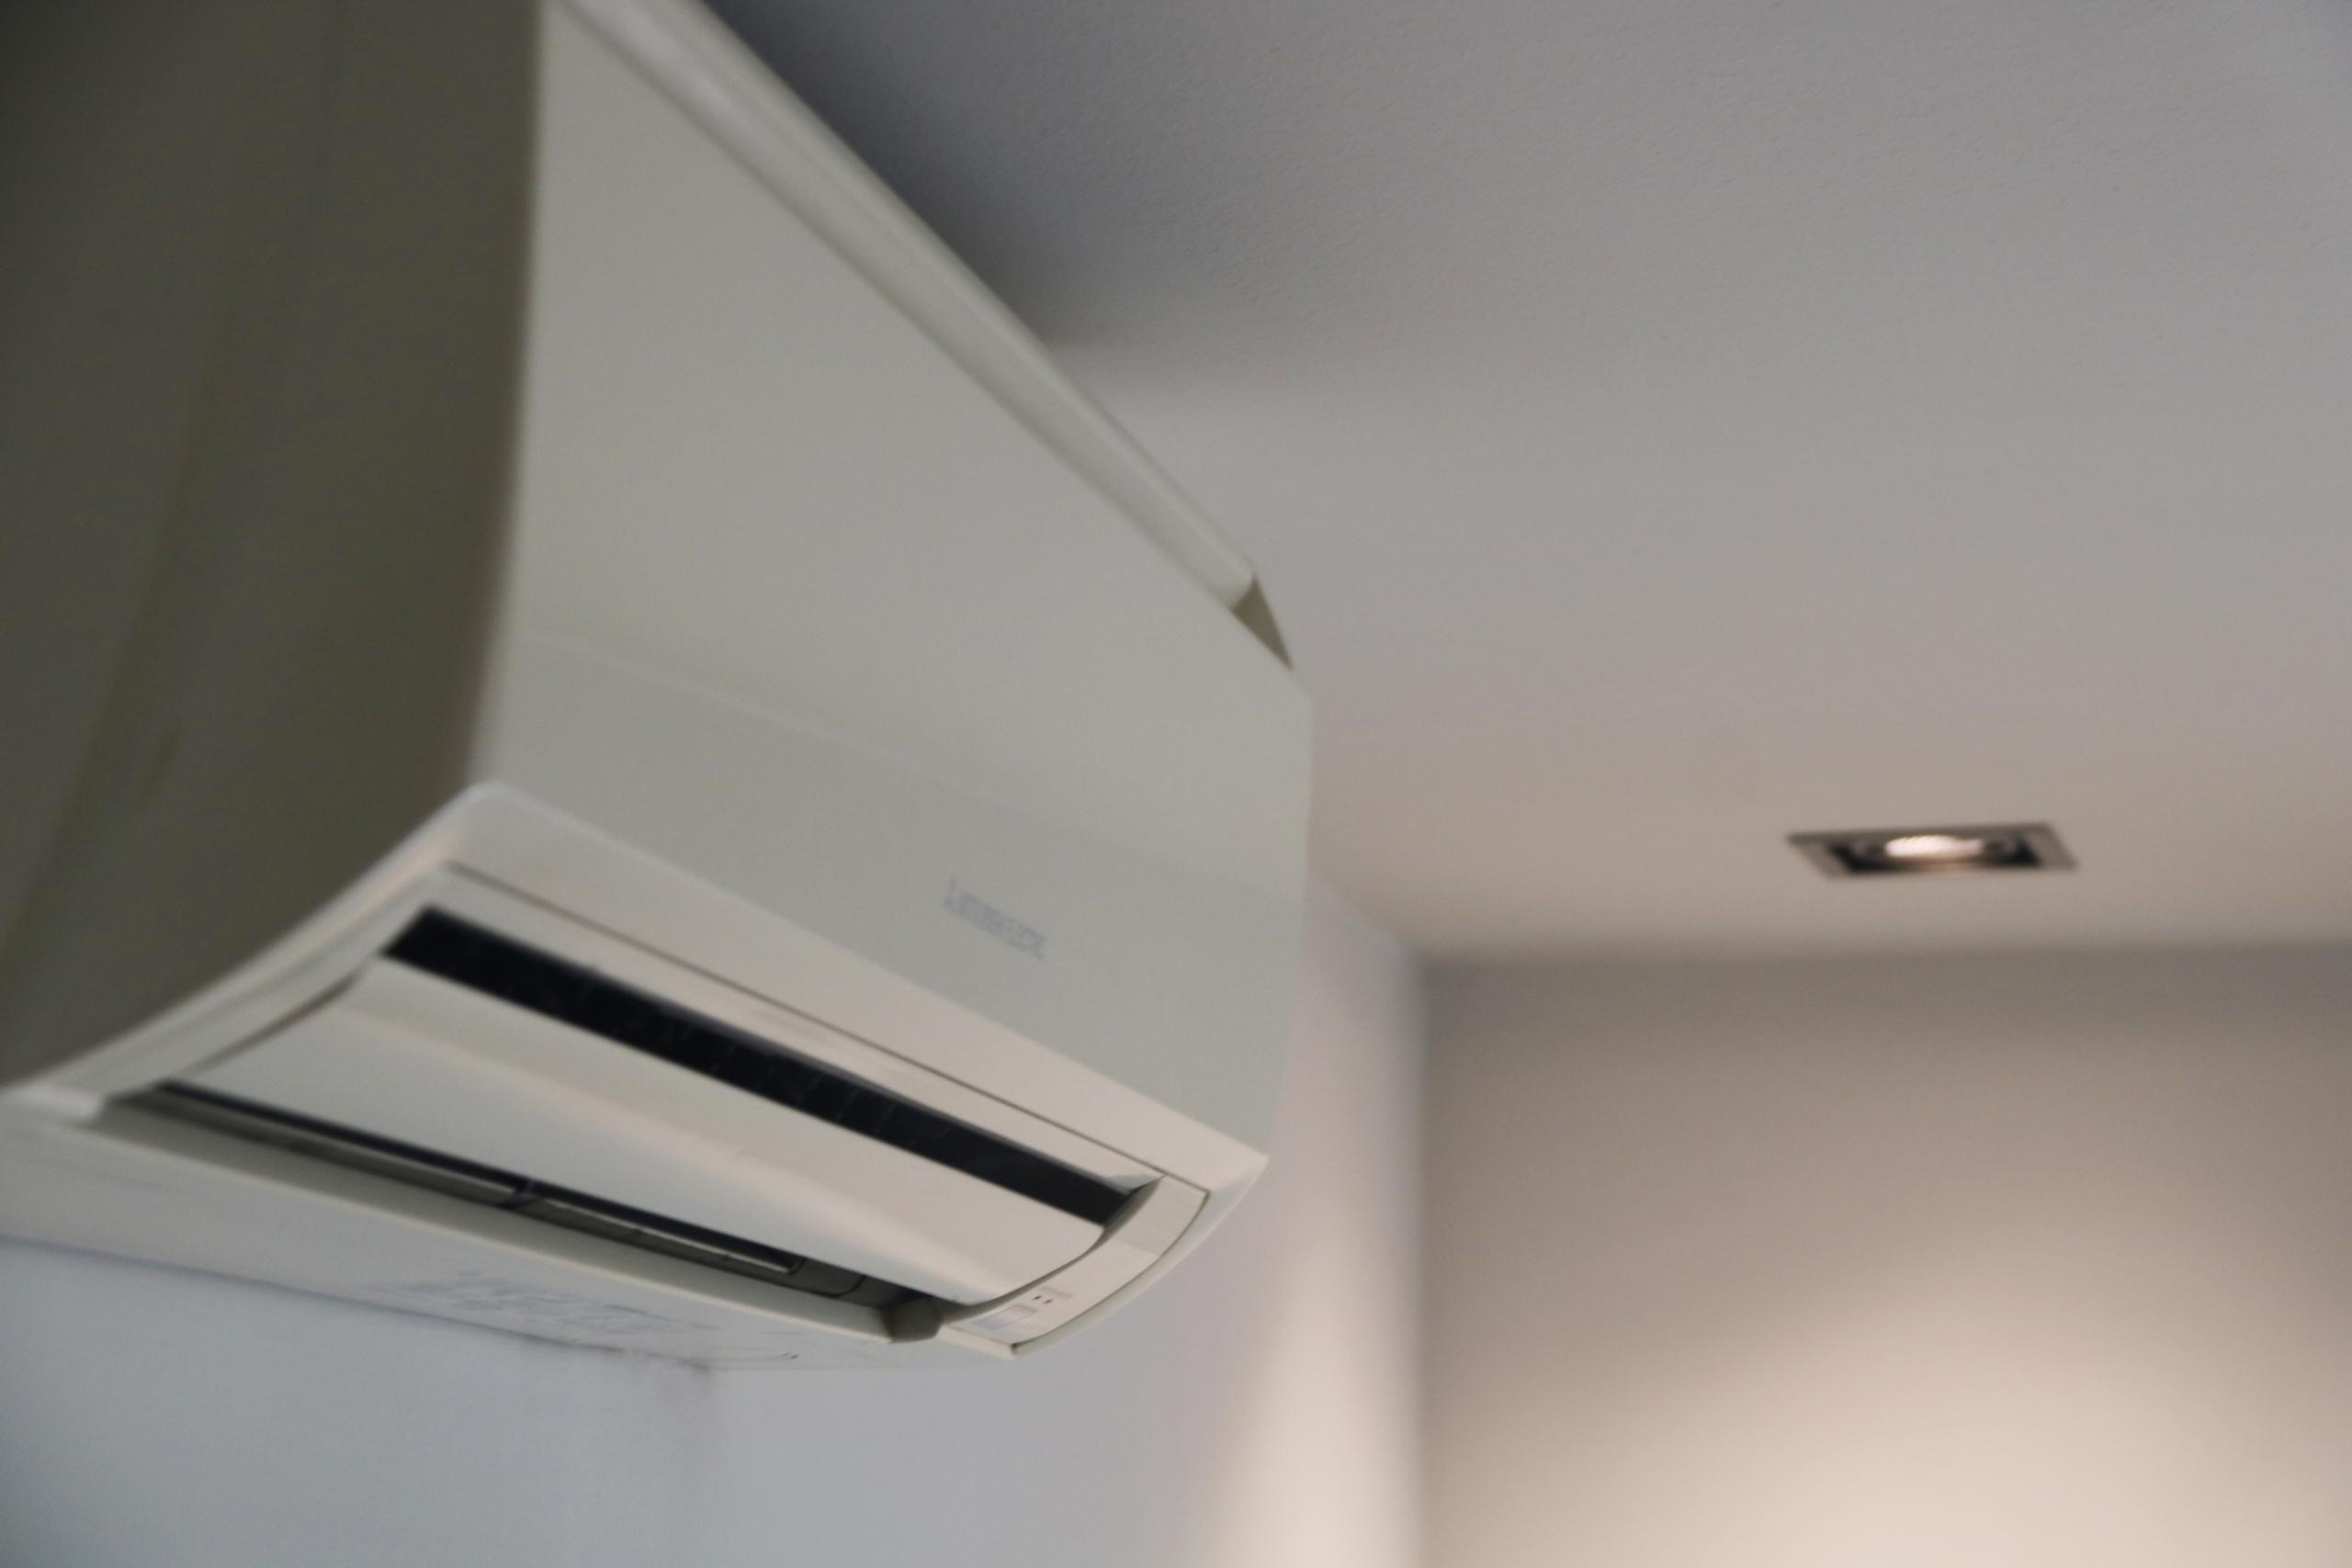 Un aparell d'aire condicionat, amb un llum encès de fons | ACN